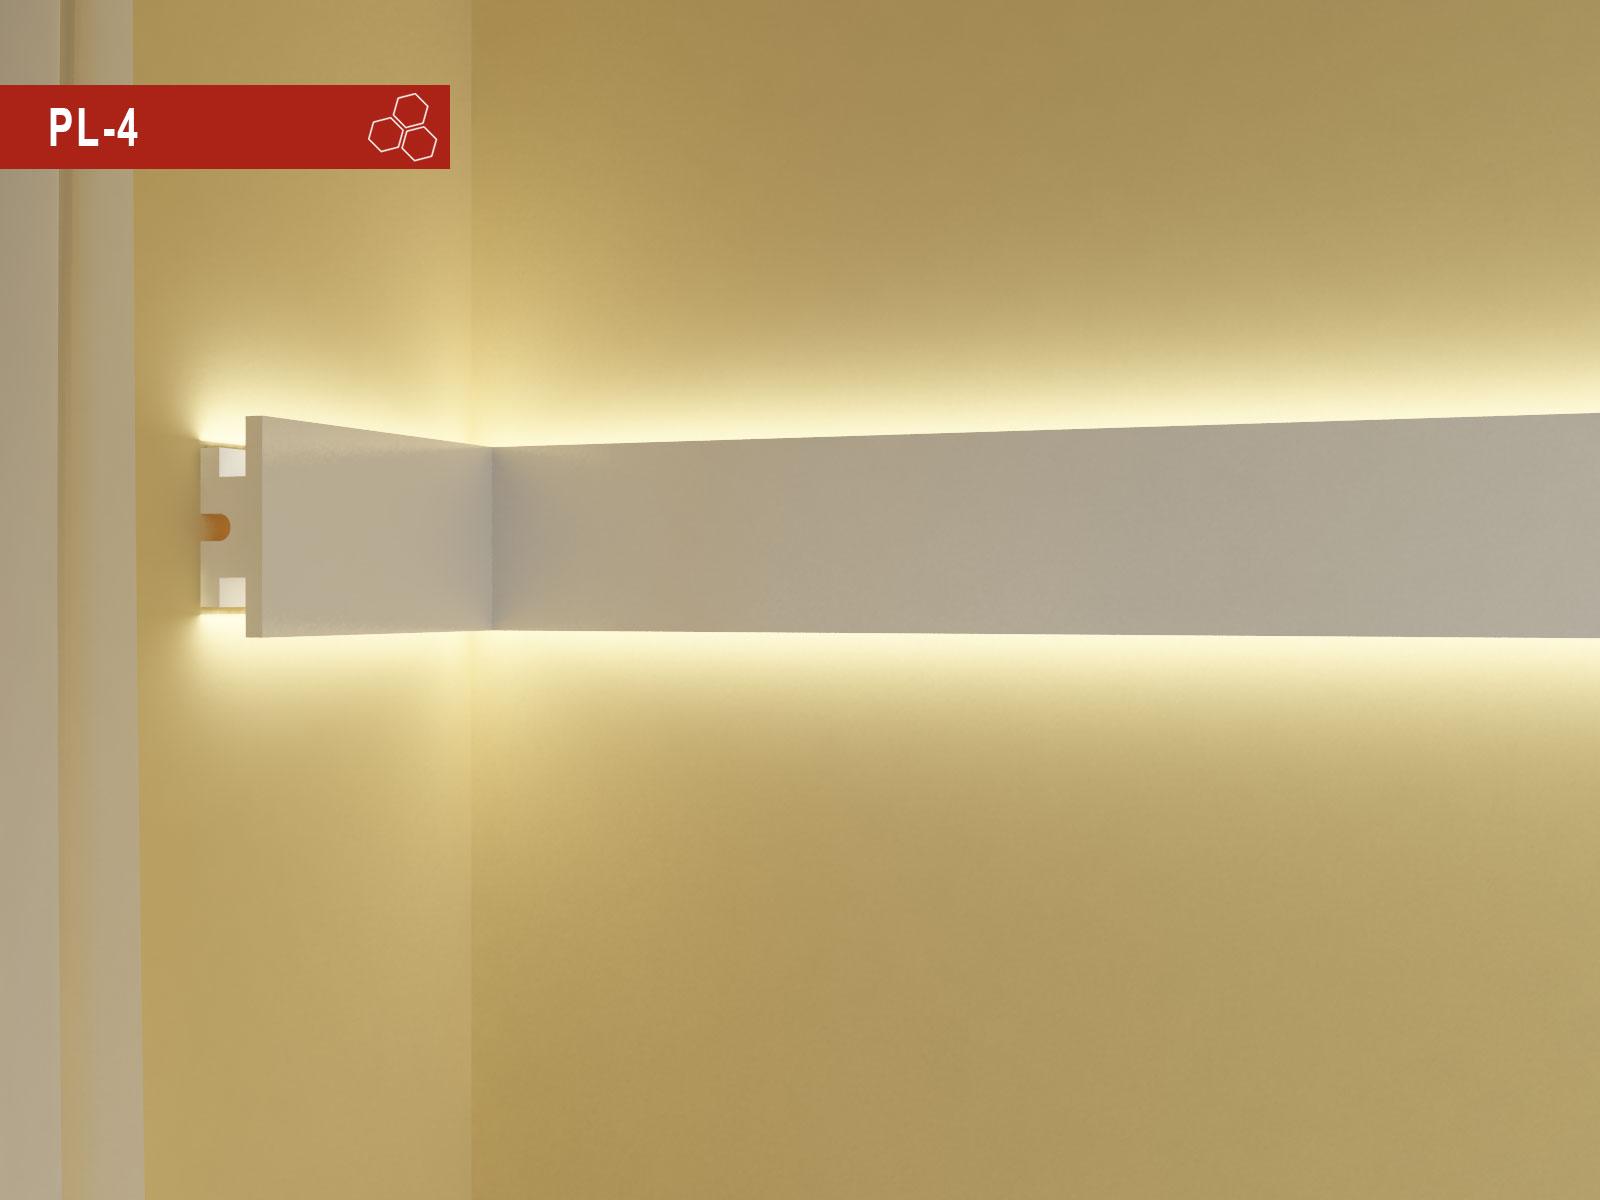 Profili led da parete in polistirolo per decorazione for Decorazioni in polistirolo per interni